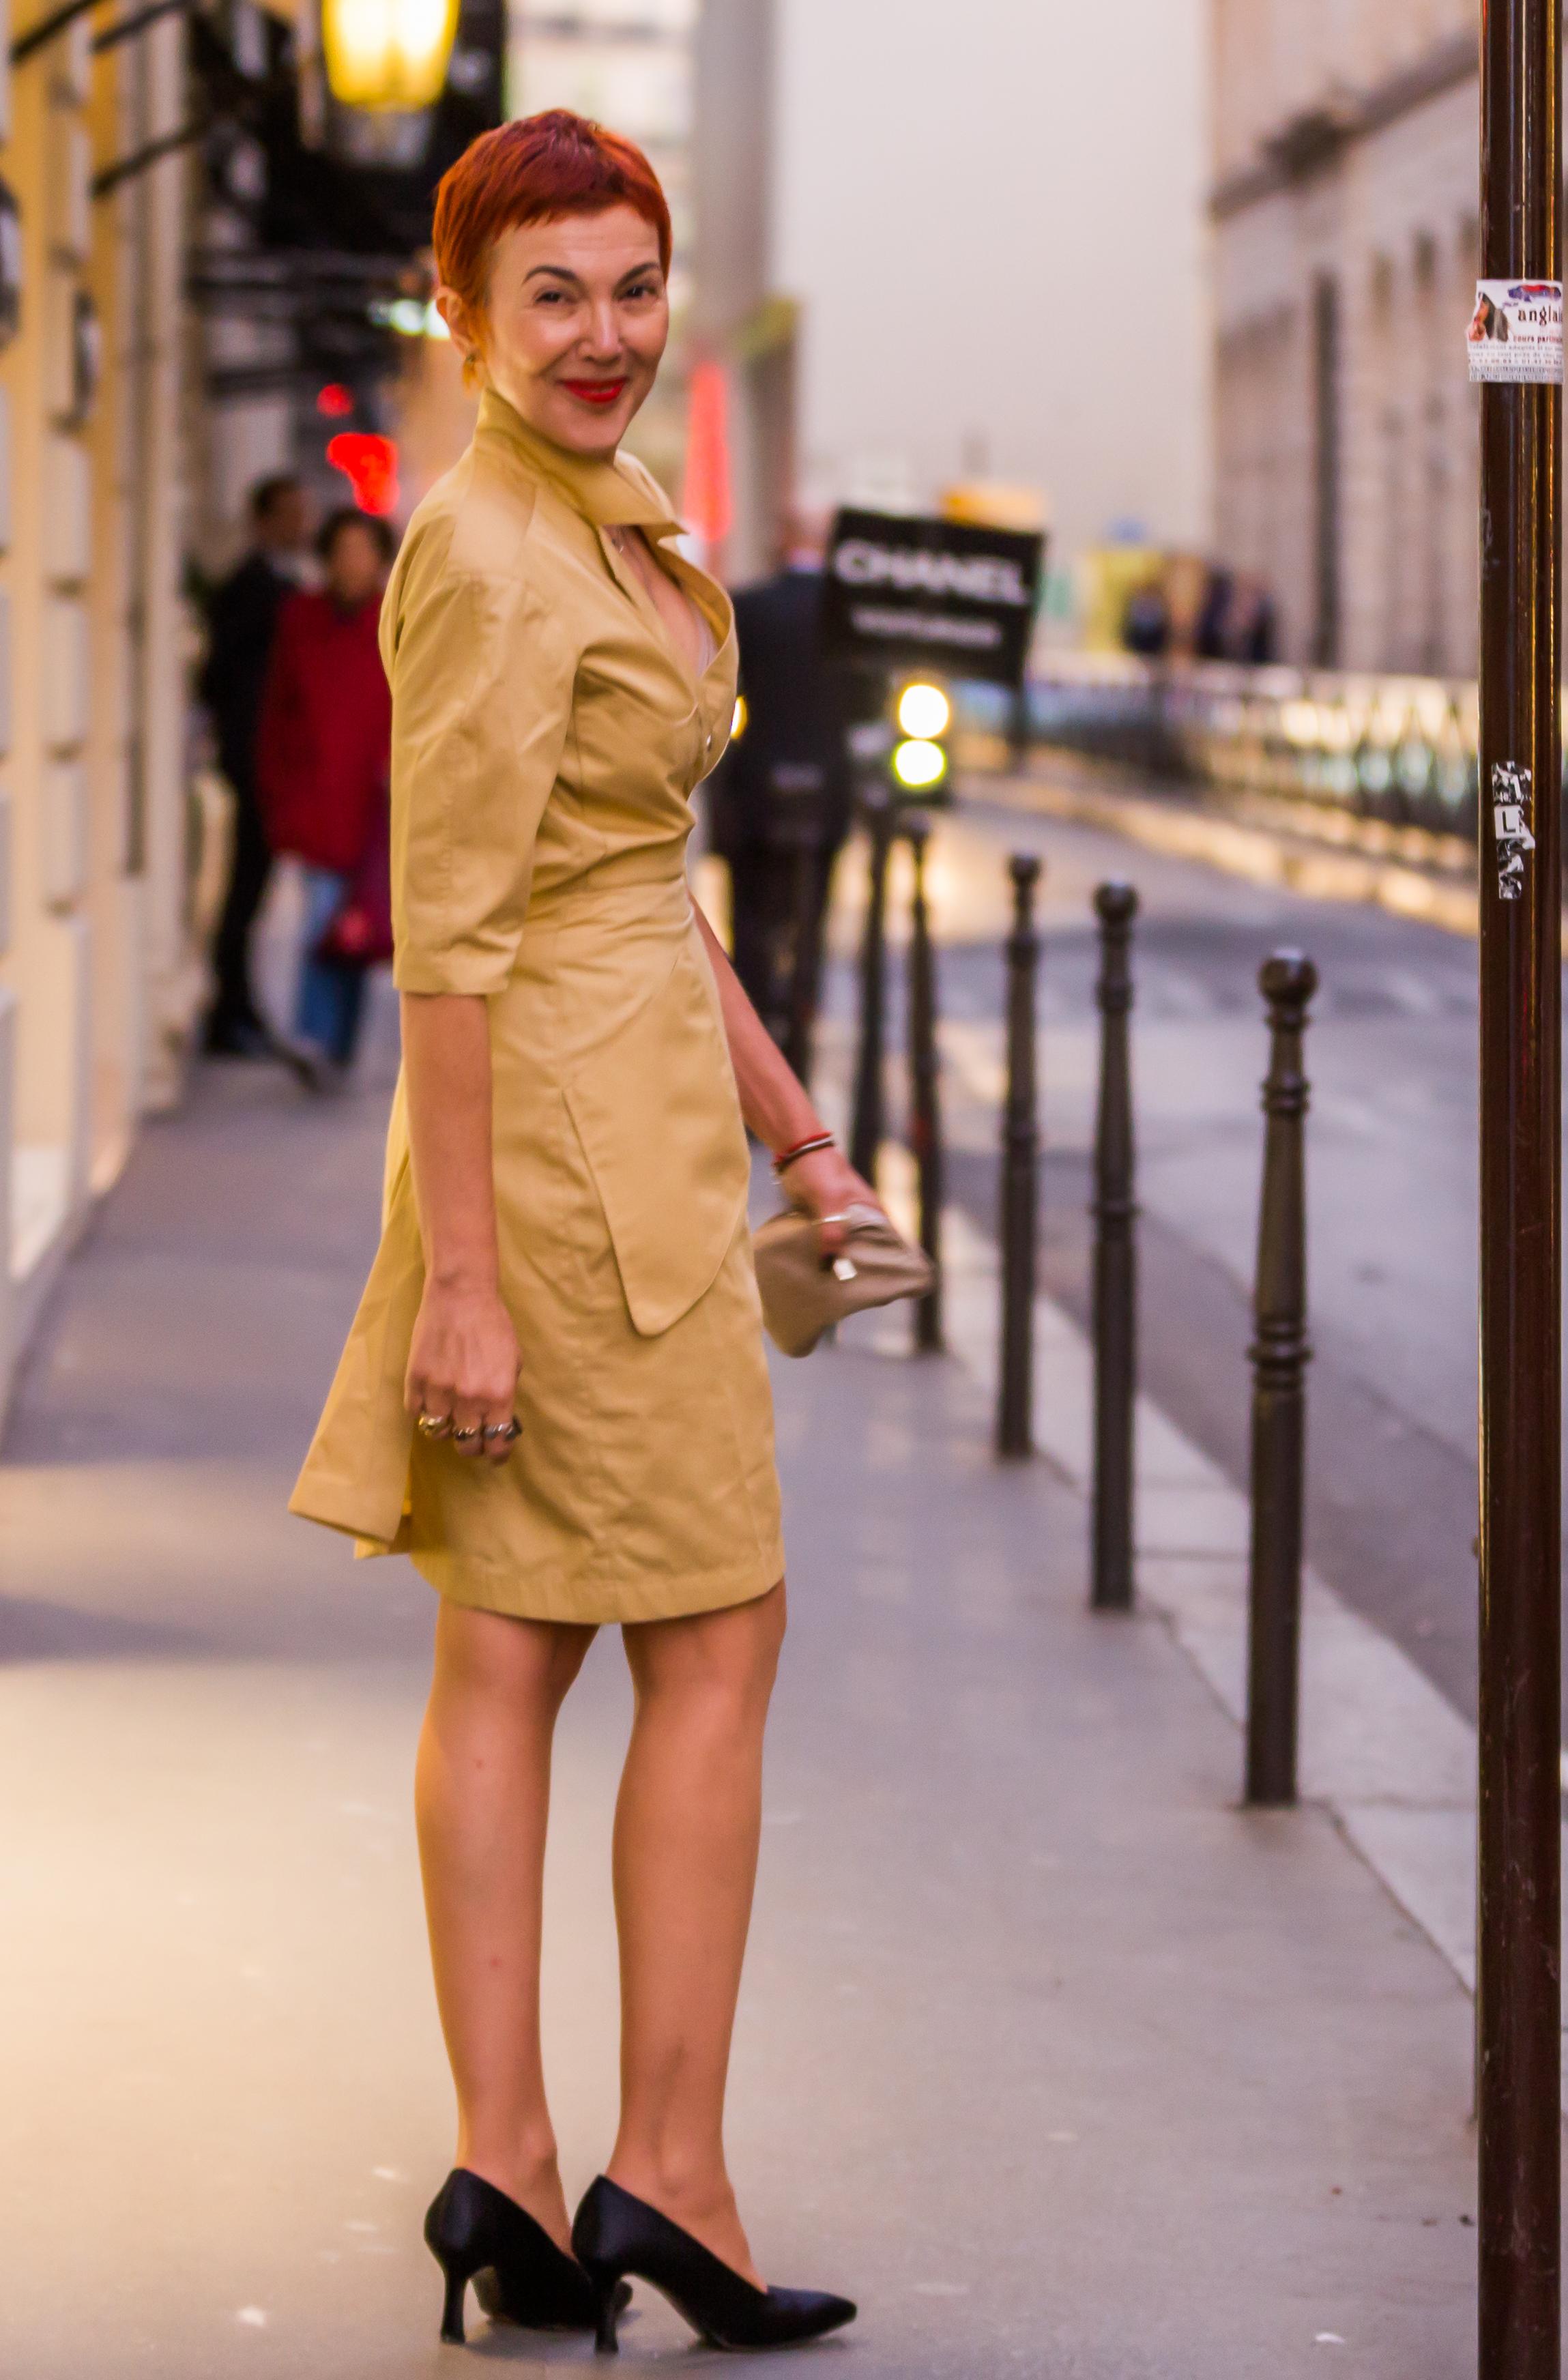 Paris shopping in Thierry Mugler